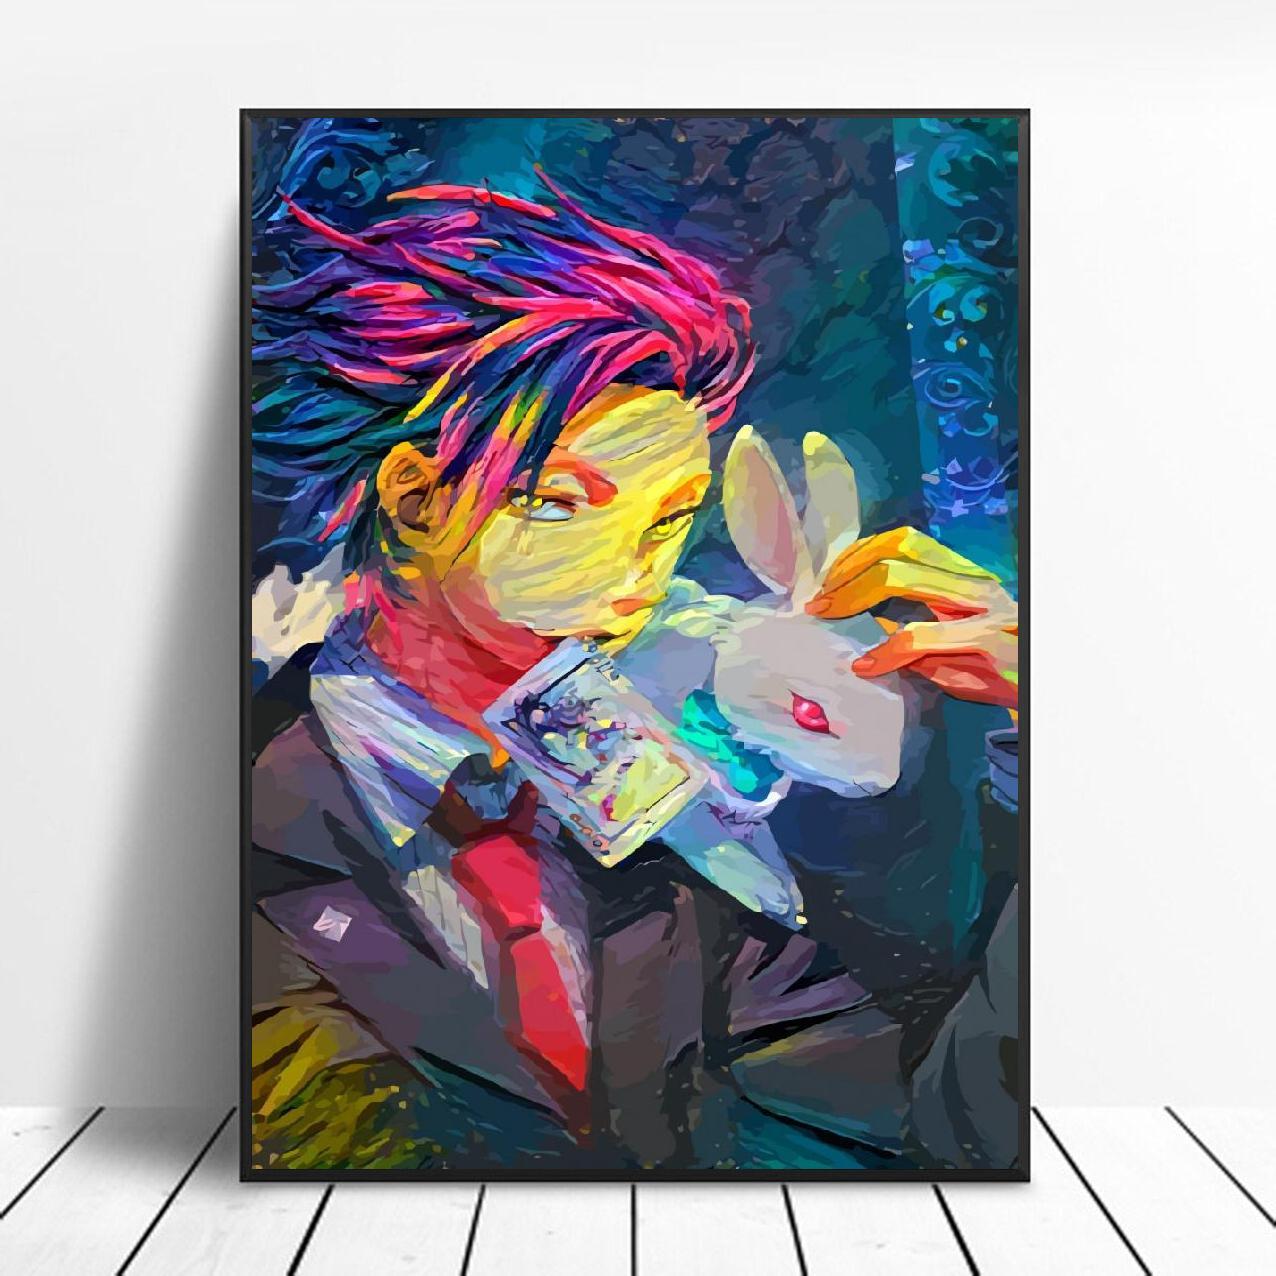 Affiche de toile daquarelle le magicien artistique   Toile de décoration de maison, peinture sans cadre